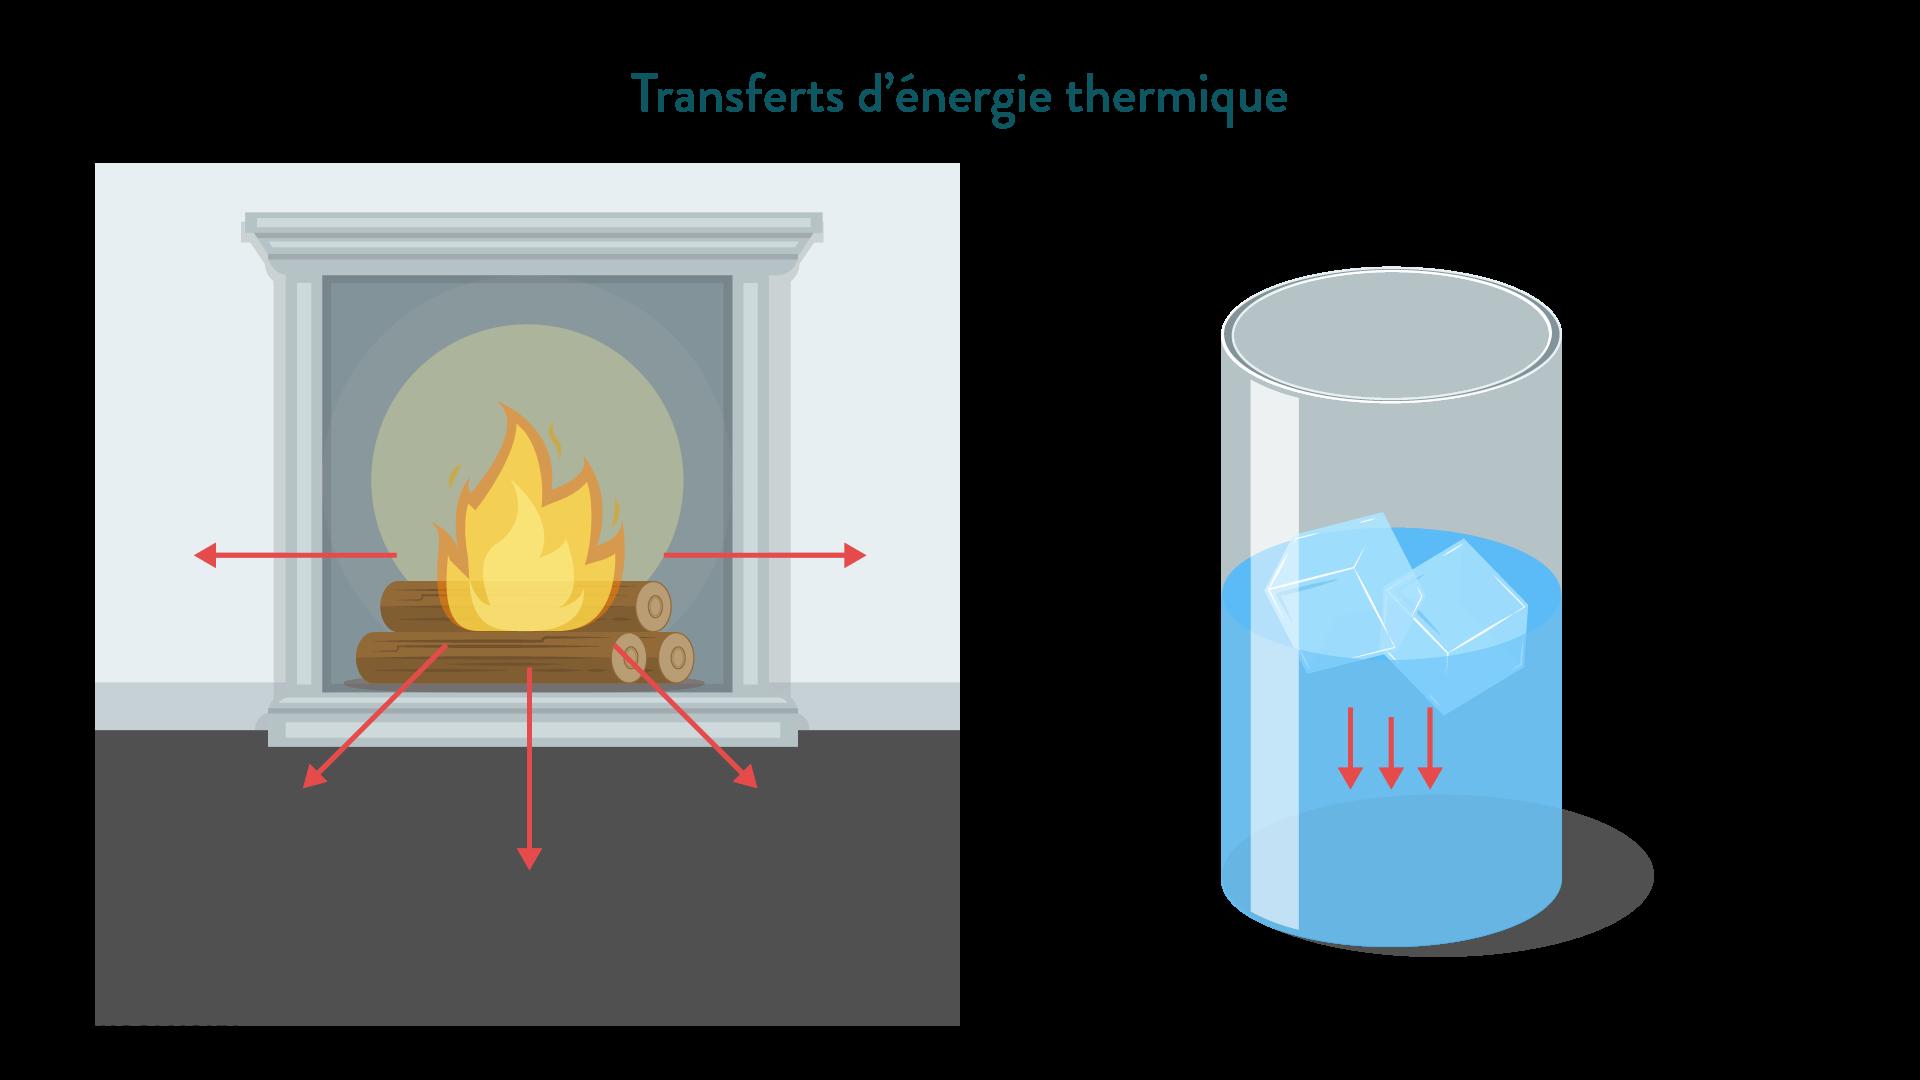 Transferts d'énergie thermique cheminée glaçons physique chimie 6eme